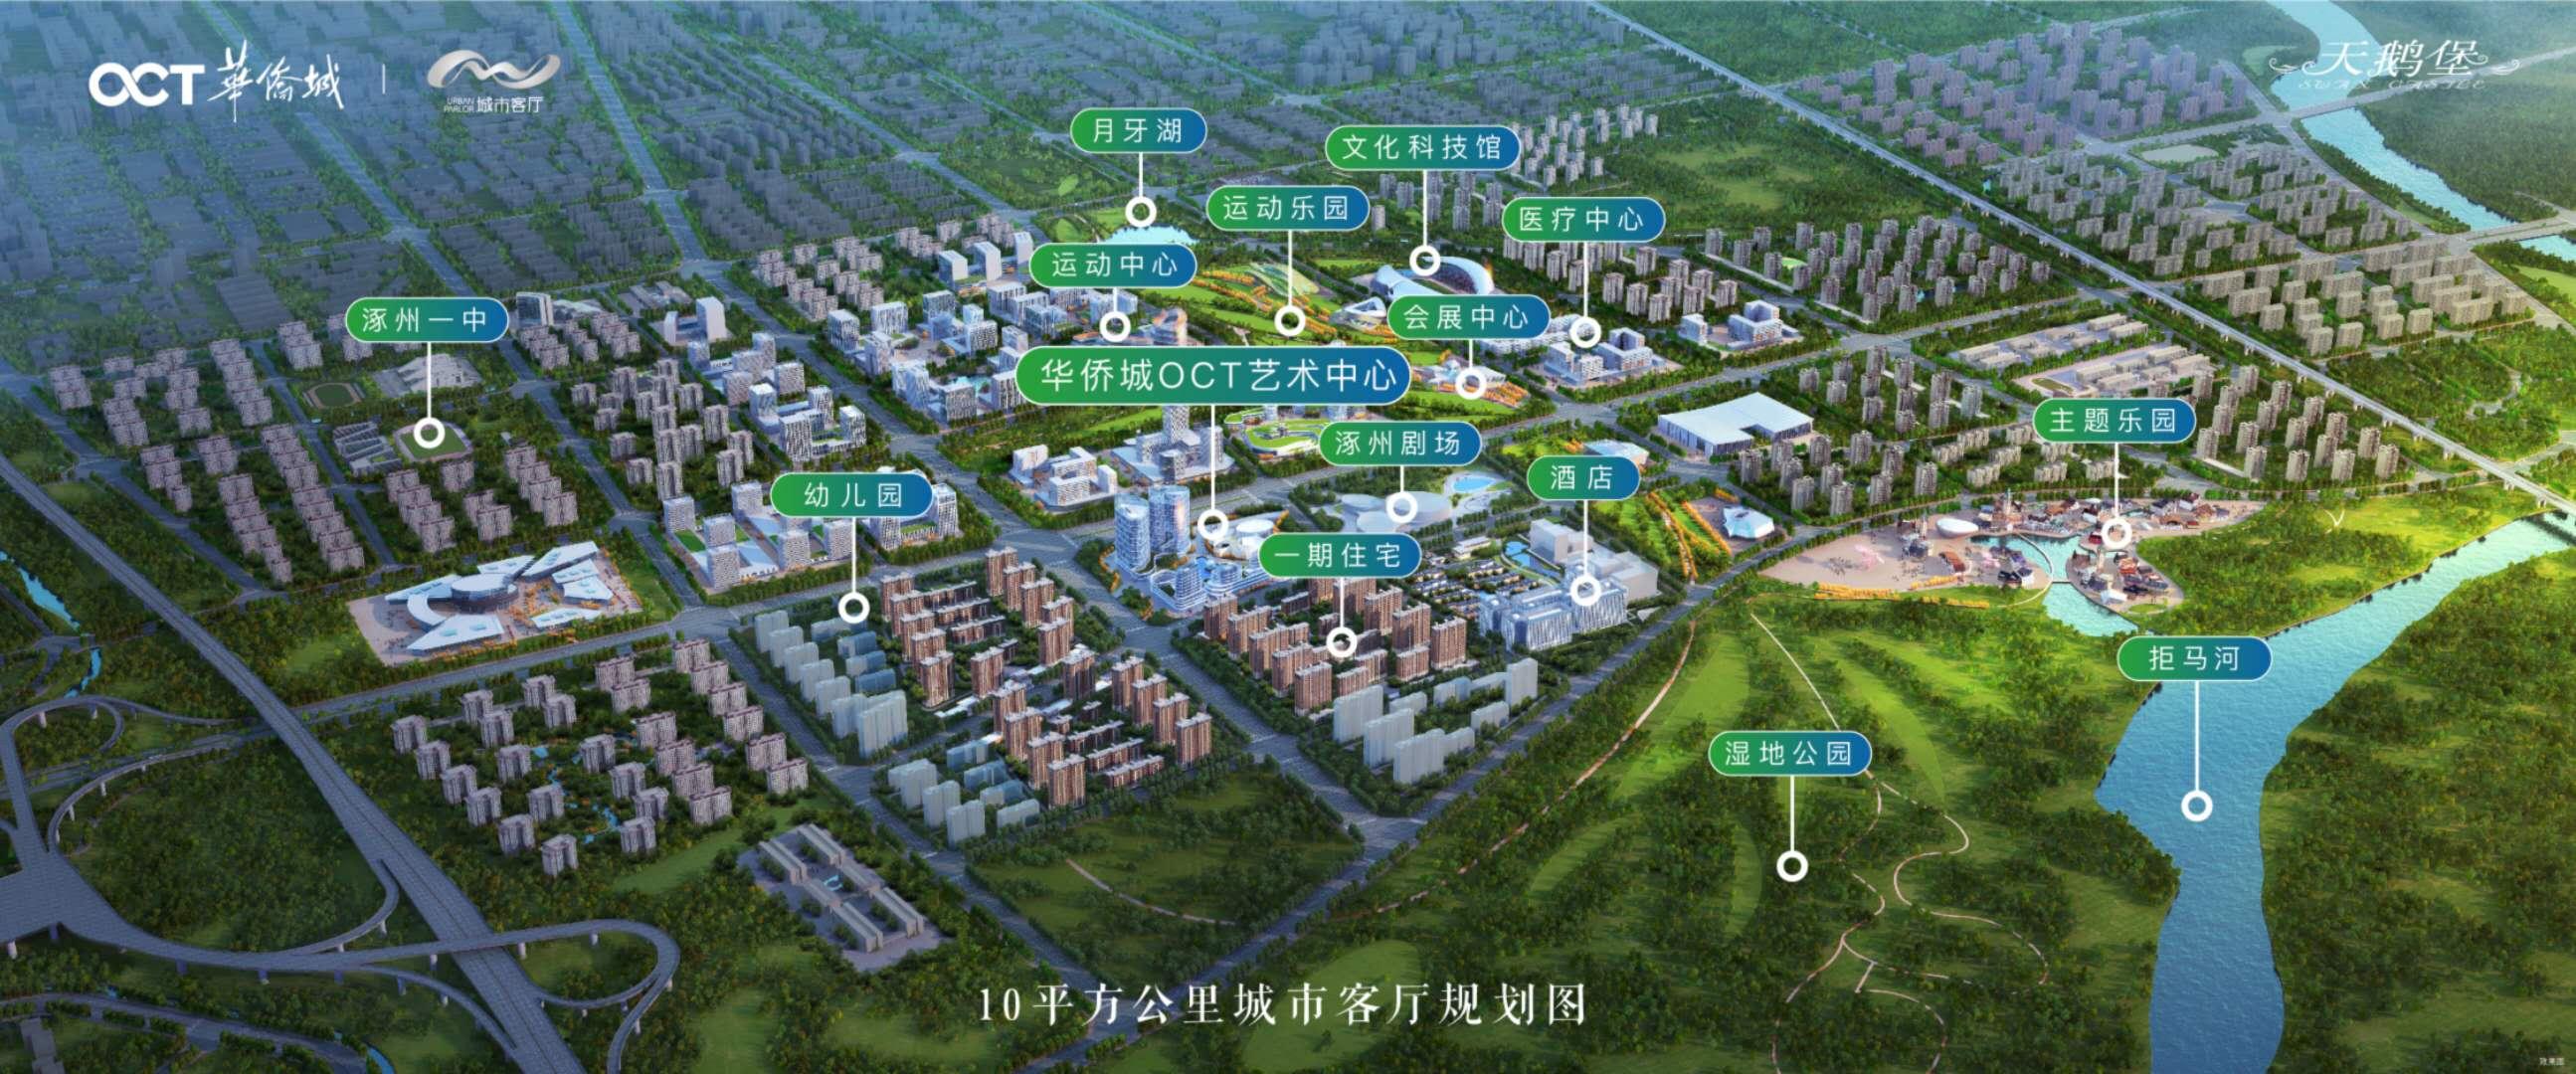 涿州华侨城规划沙盘